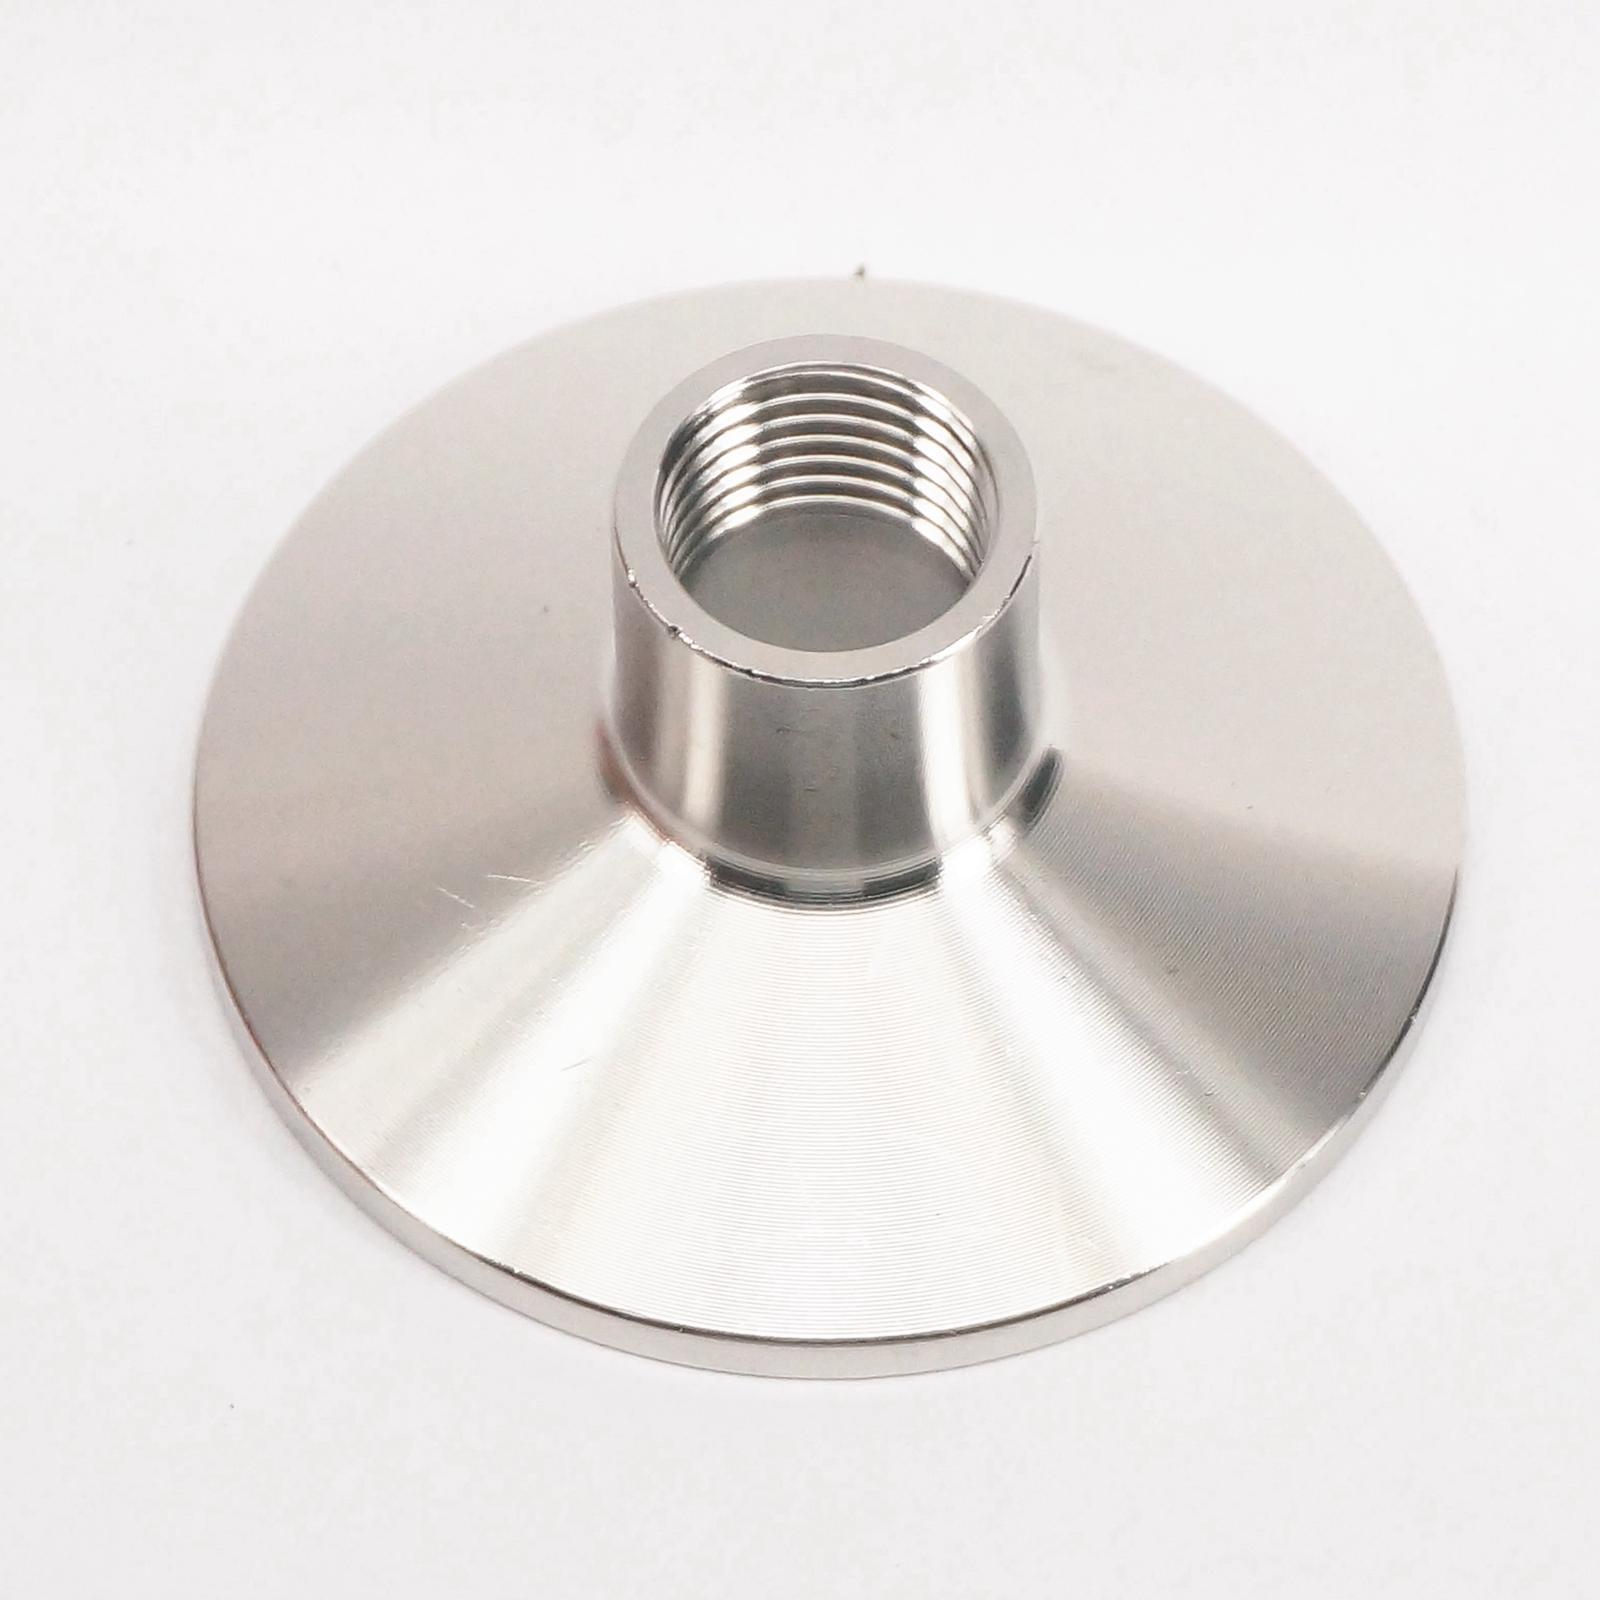 Rohre & Armaturen Rohrverbindungsstücke 1/4 bsp Weibliche X 50,5mm Ferrule O/d 304 Edelstahl Sanitär Ferrule Rohrschelle Montage Anschluss